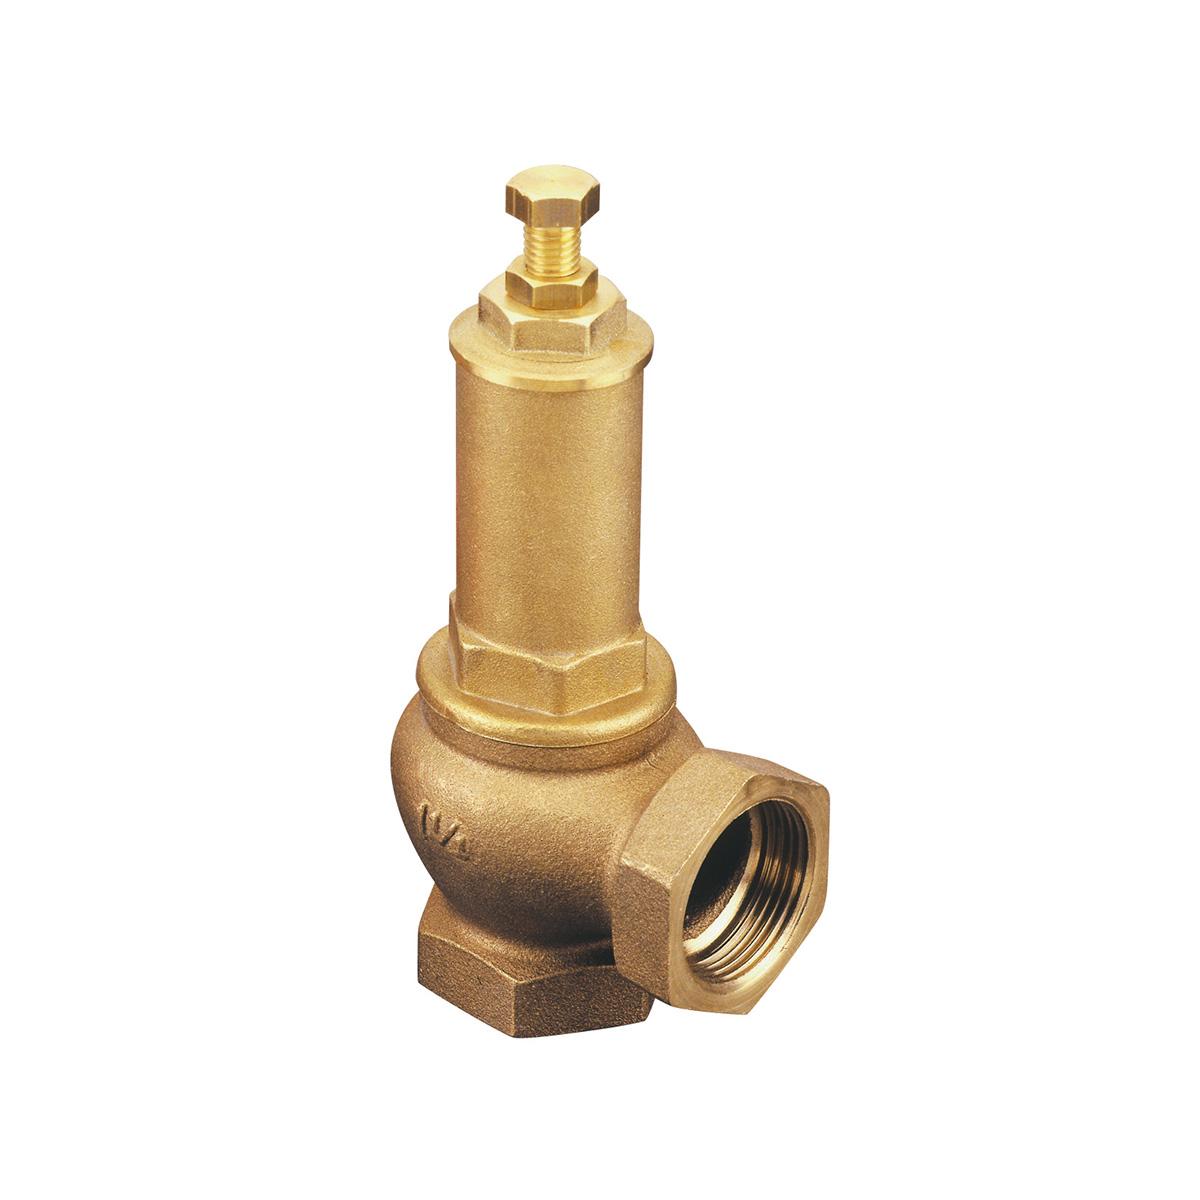 Angle safety valve